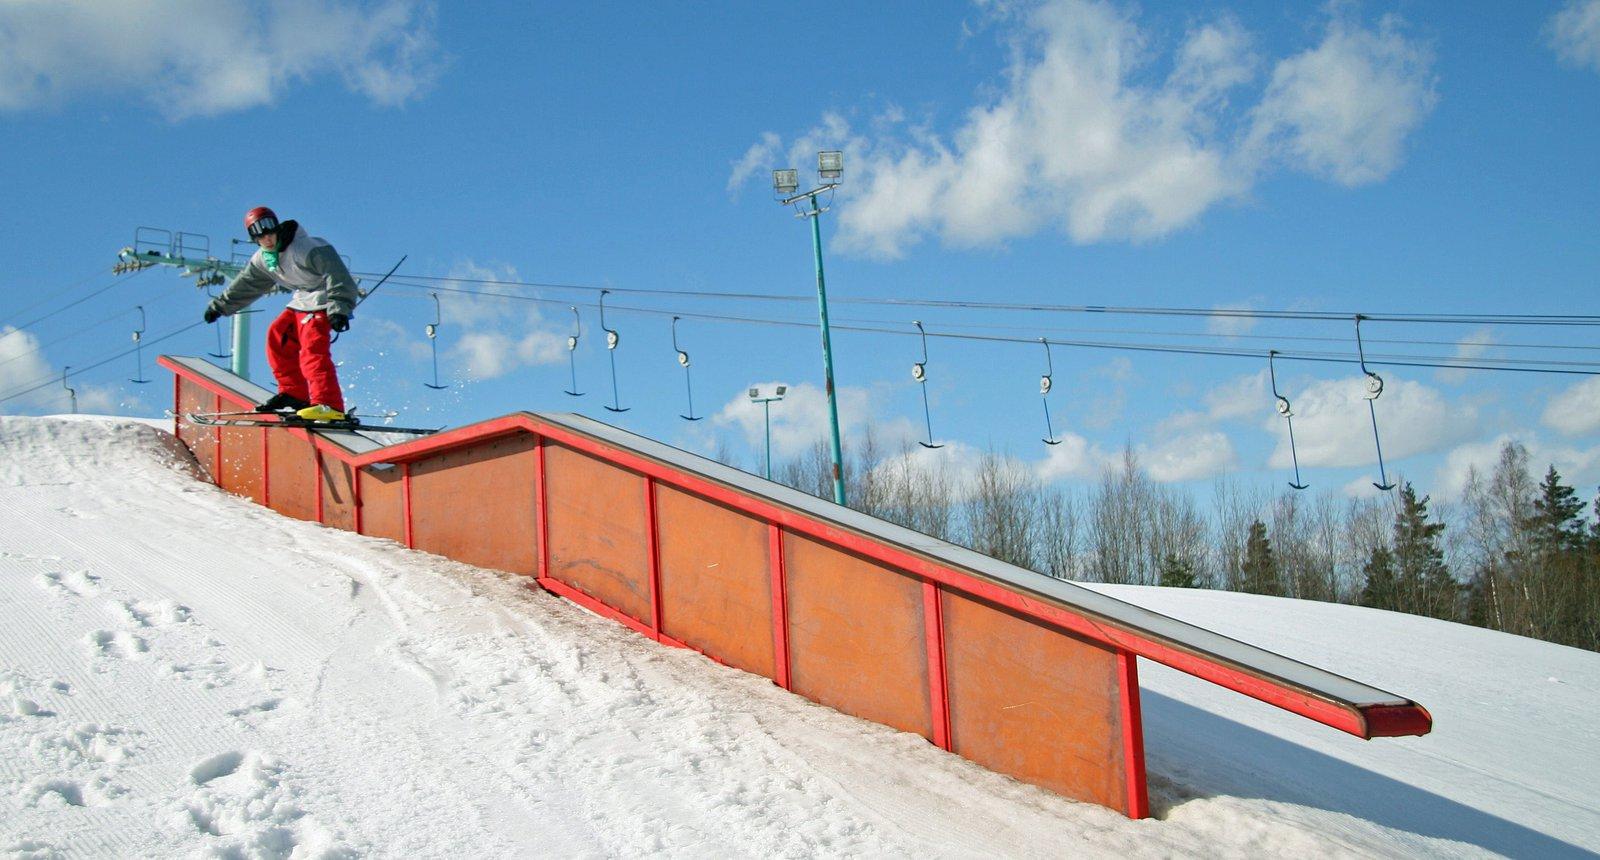 Serena ski